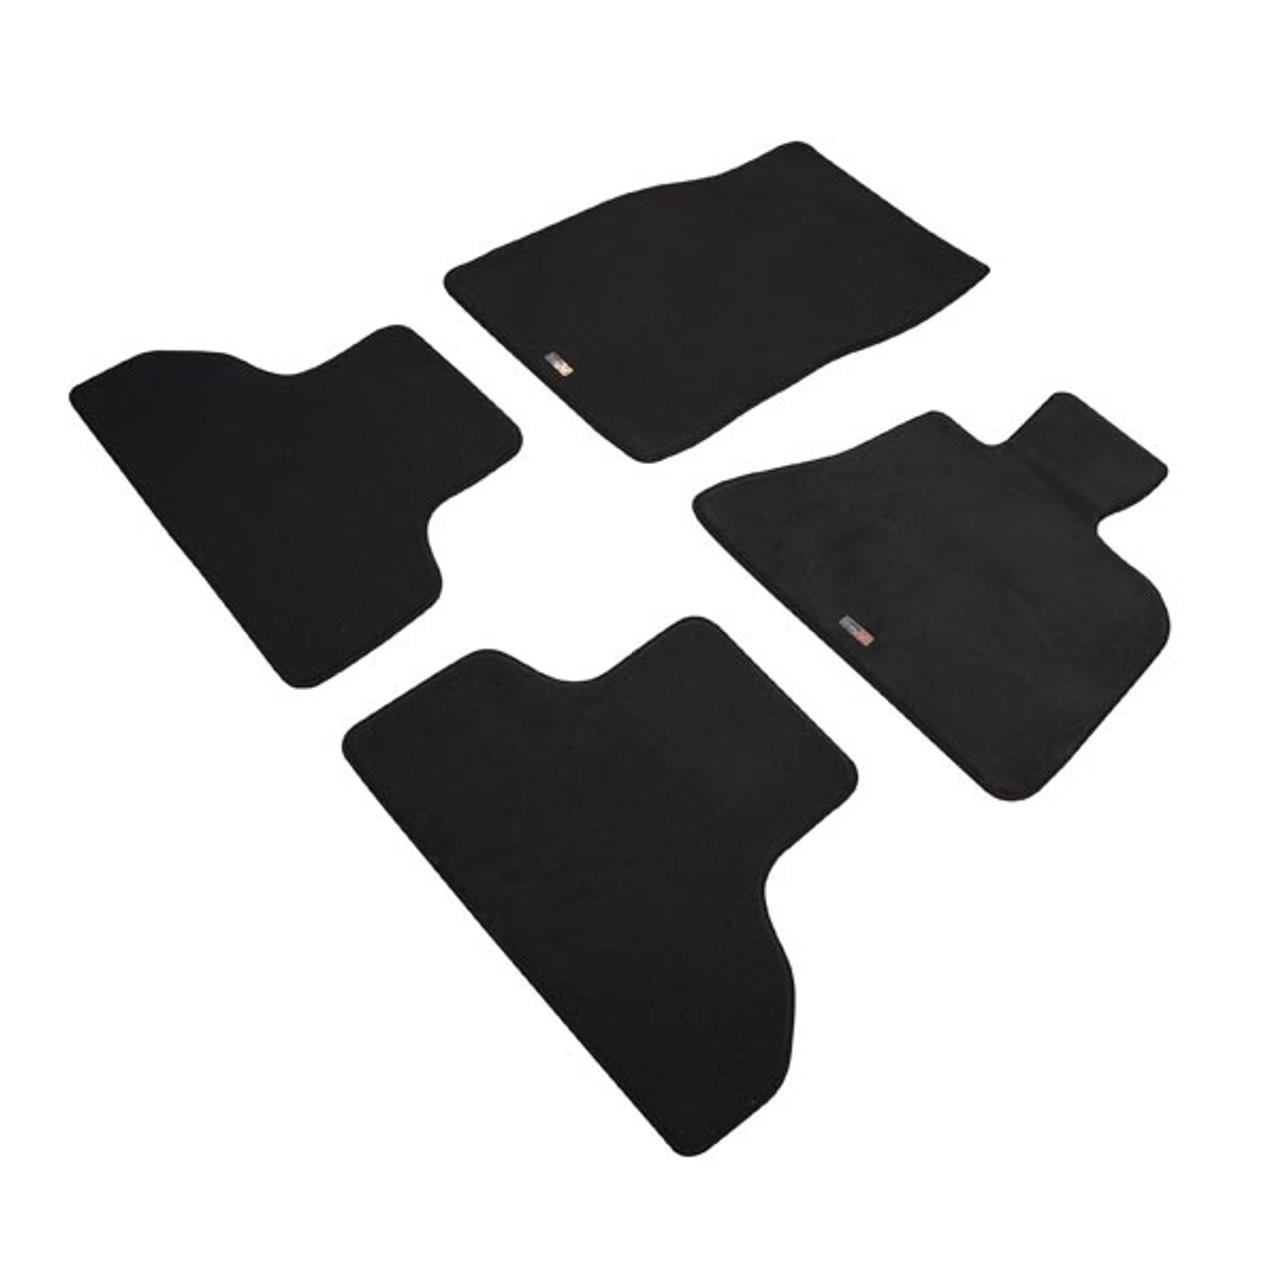 Custom Made Carpet Car Mats For BMW X5 M 2013 to 2018